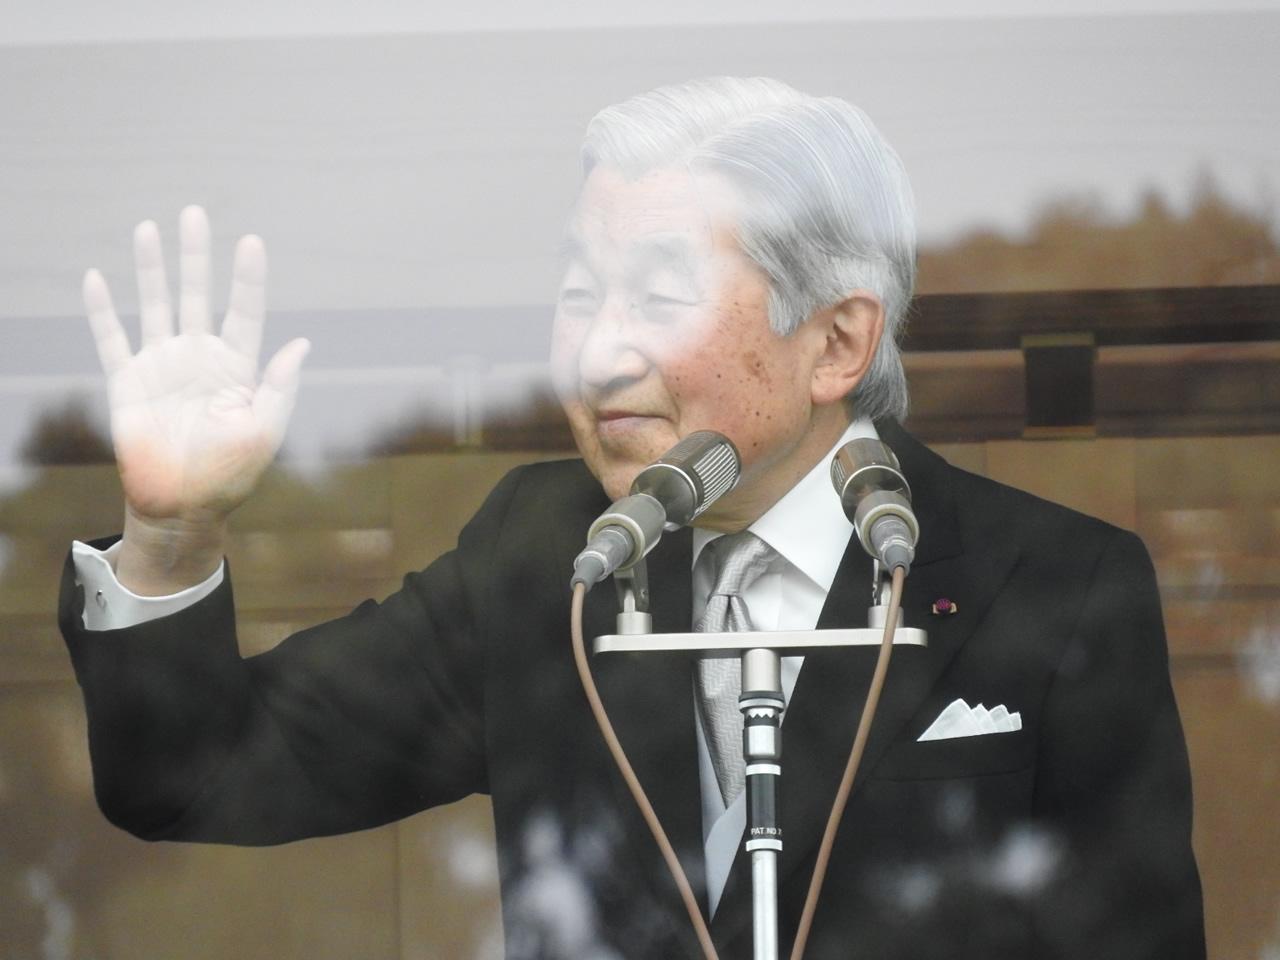 平成天皇は年齢82歳